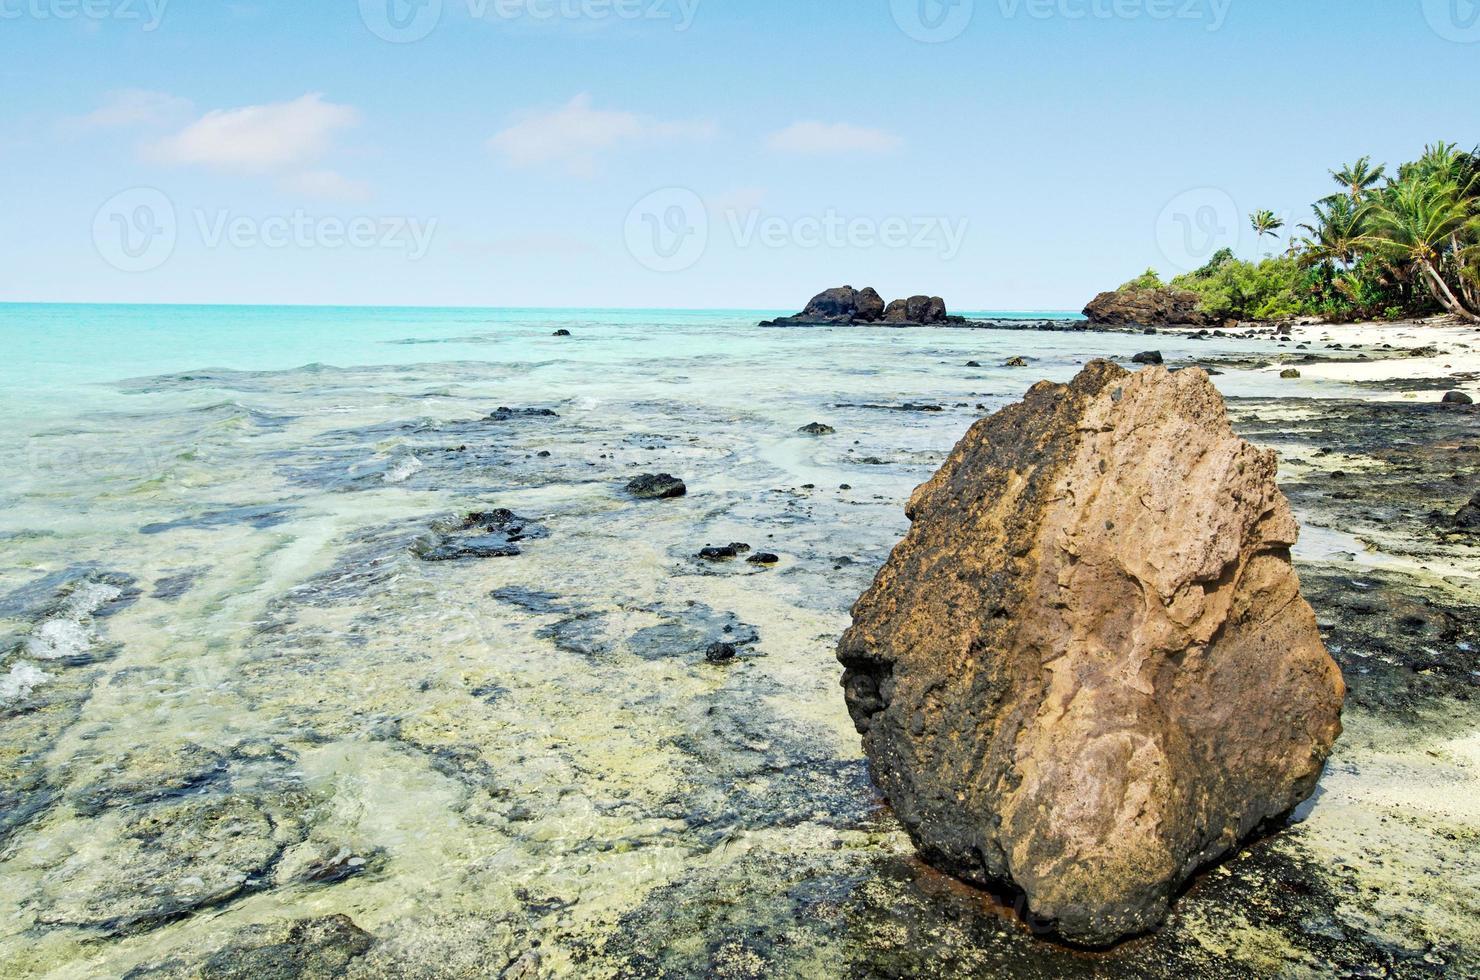 paesaggio dell'isola di rapota nelle isole Cook laguna di aitutaki foto